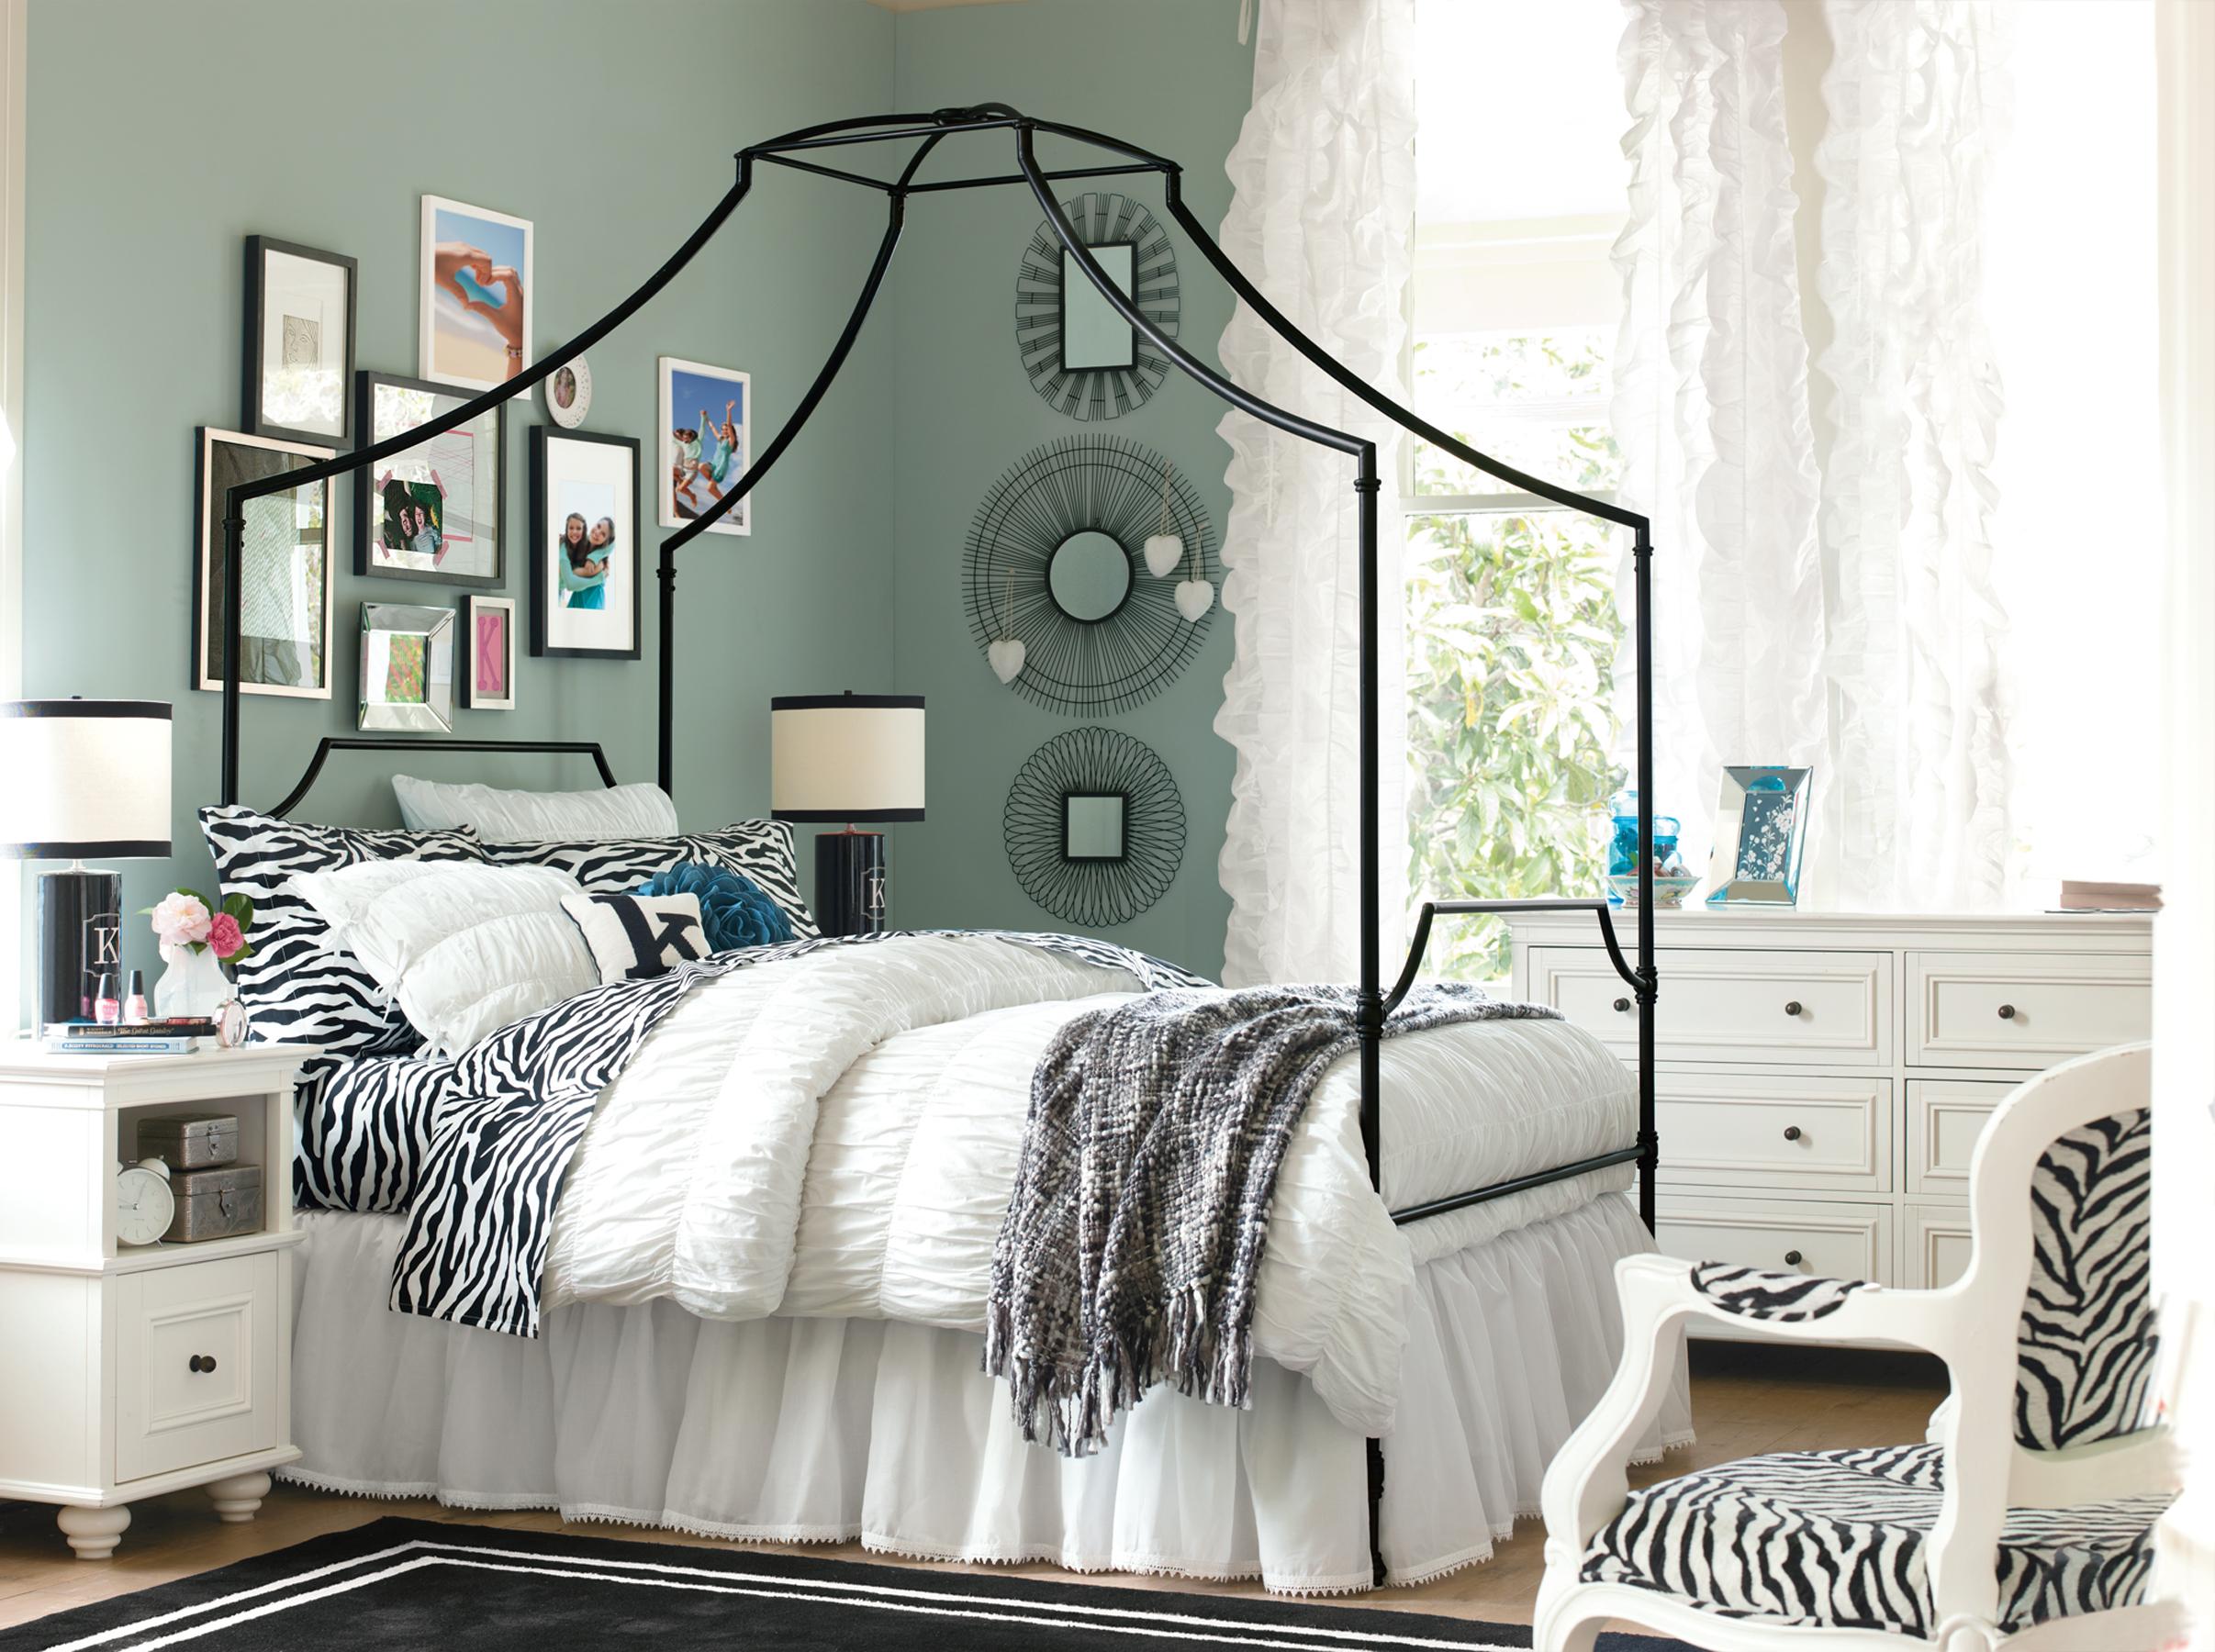 Pottery Barn Bedding - Teen Style - HomesFeed on Beautiful Teenage Bedrooms  id=69440